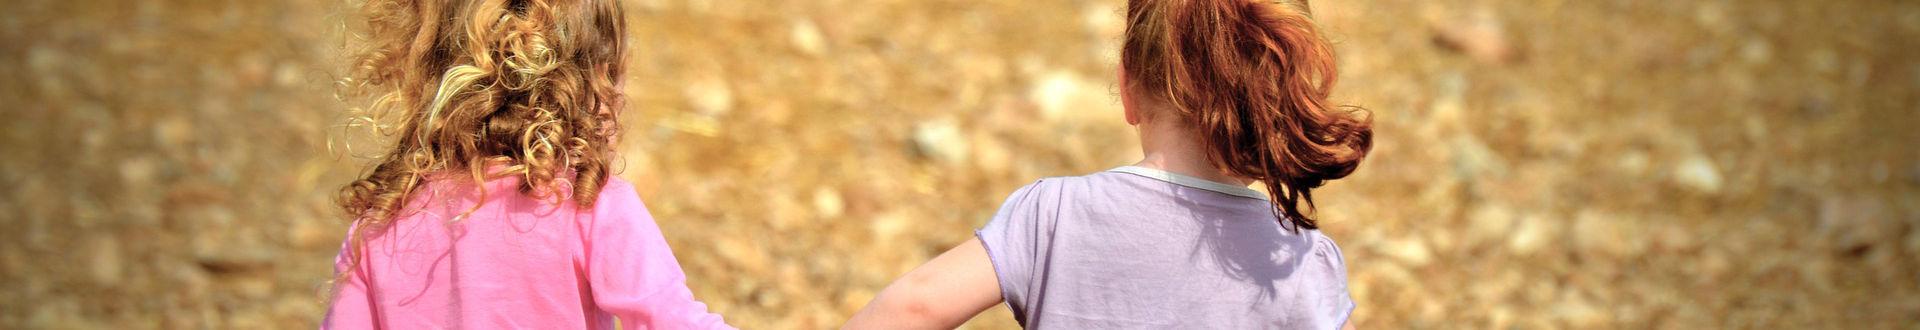 Aufwachsen mit hartz4 - Kein höheres Kindergeld für kinderreiche Patchworkfamilien